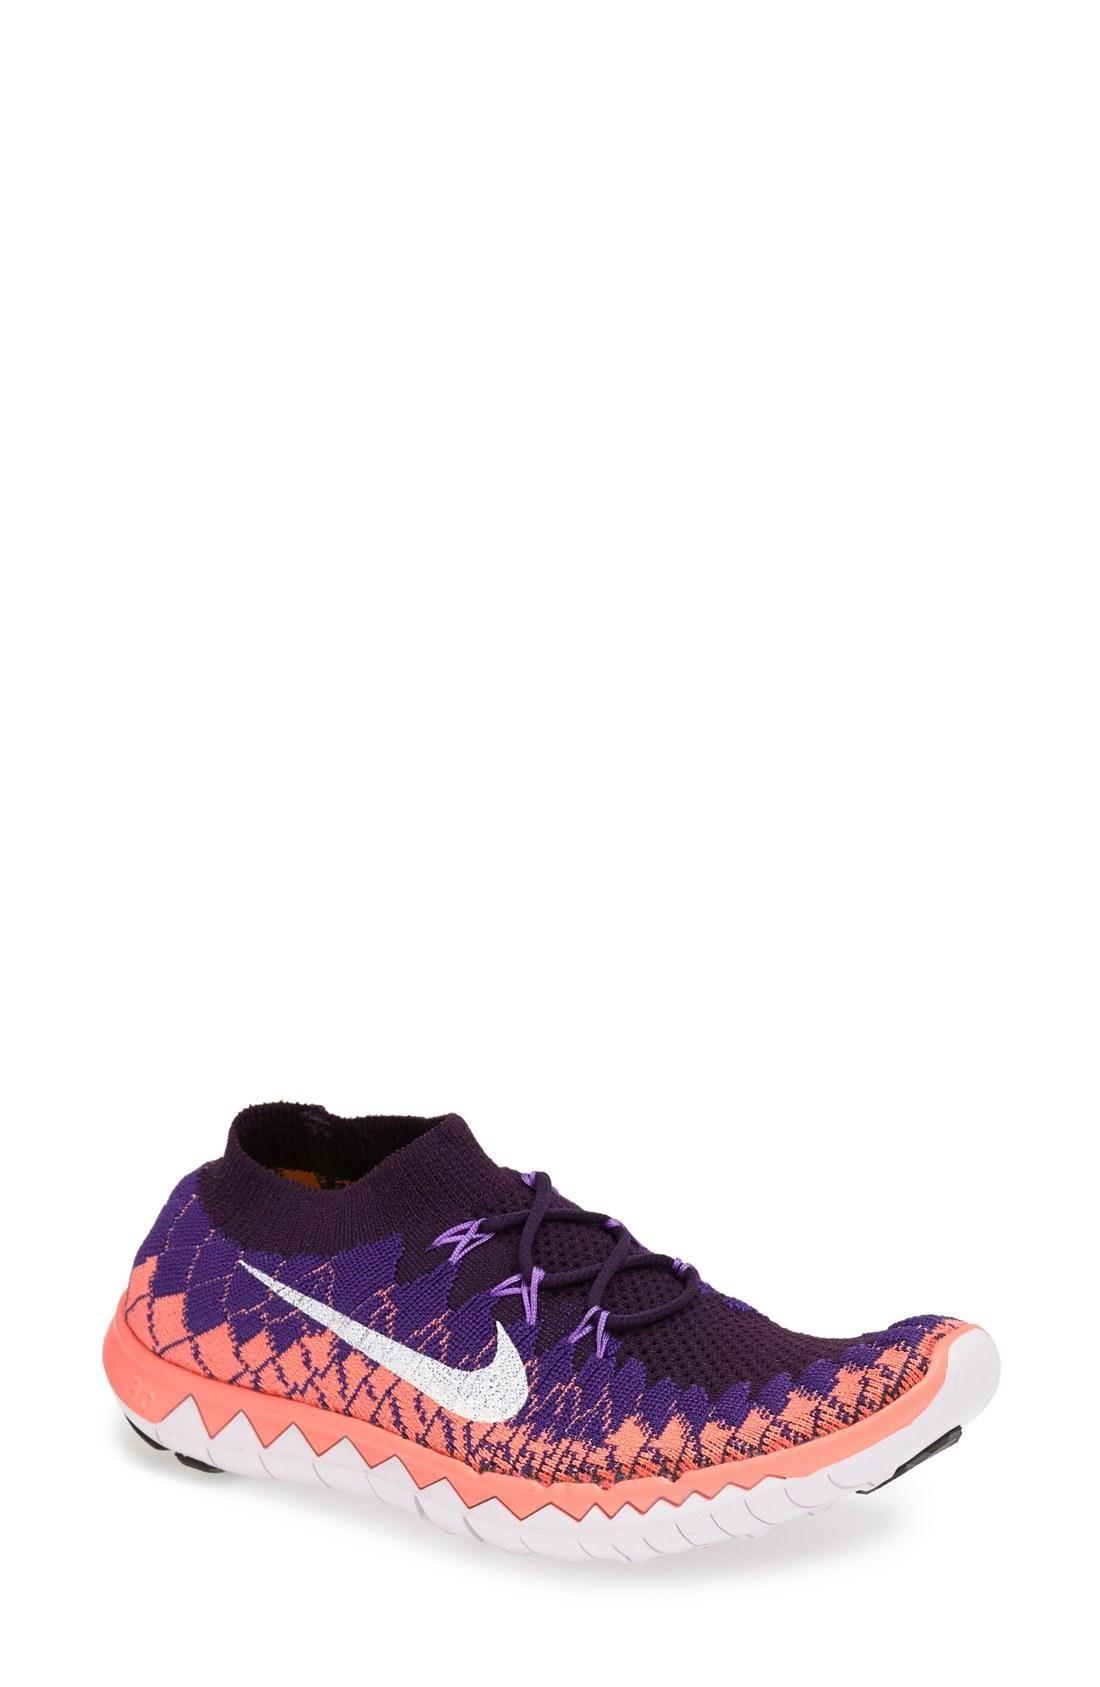 6b89c43db707 Nike  Free Flyknit 3.0  Running Shoes. Pinterest  jordanlanai ...